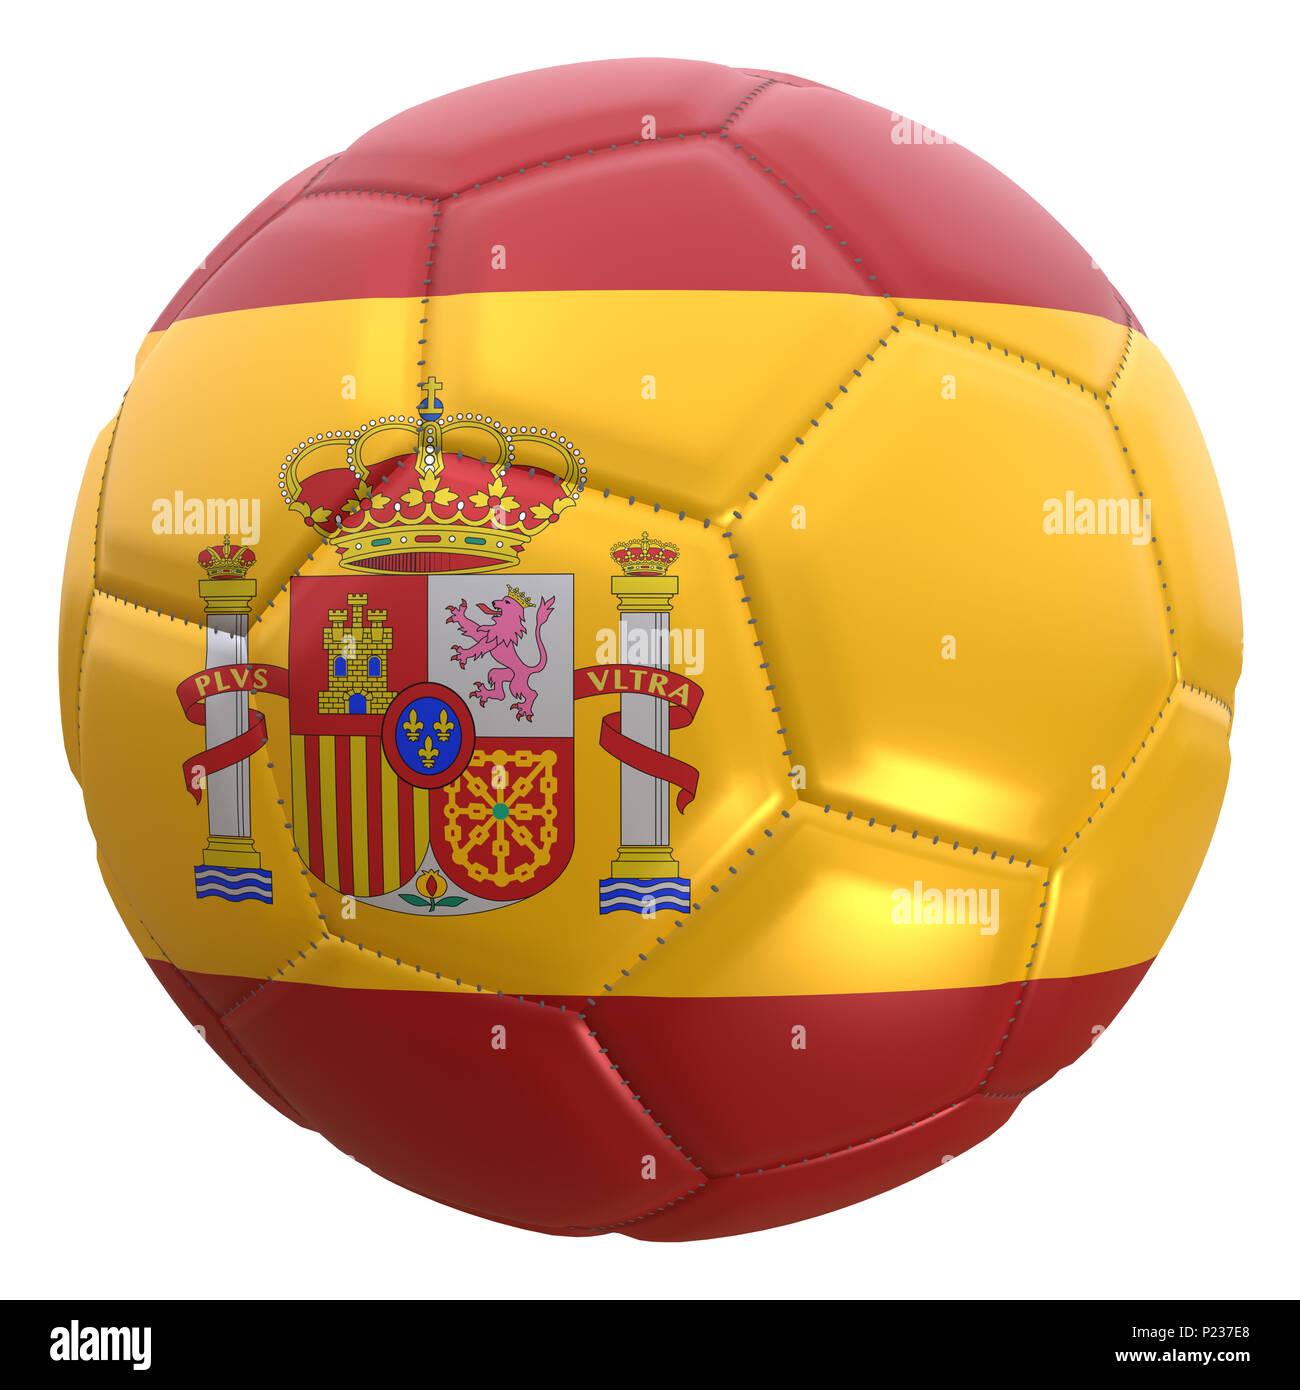 Representación 3D de una bandera de España en un balón de fútbol. España es  uno de los miembros del equipo del campeonato de la copa mundial 2018 en  Rusia. 39189b23f3c30